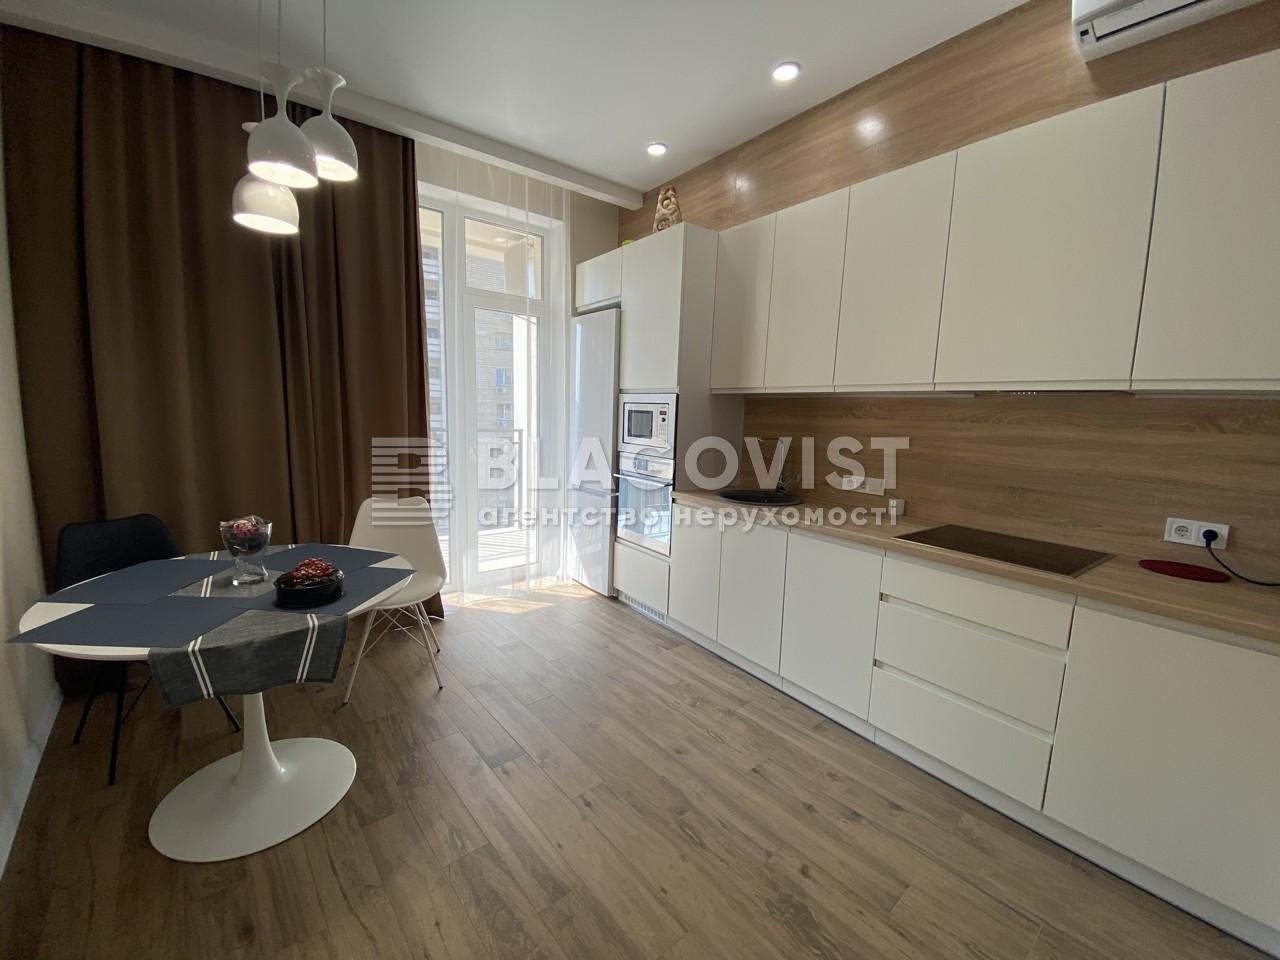 Квартира F-43820, Тютюнника Василия (Барбюса Анри), 28а, Киев - Фото 9